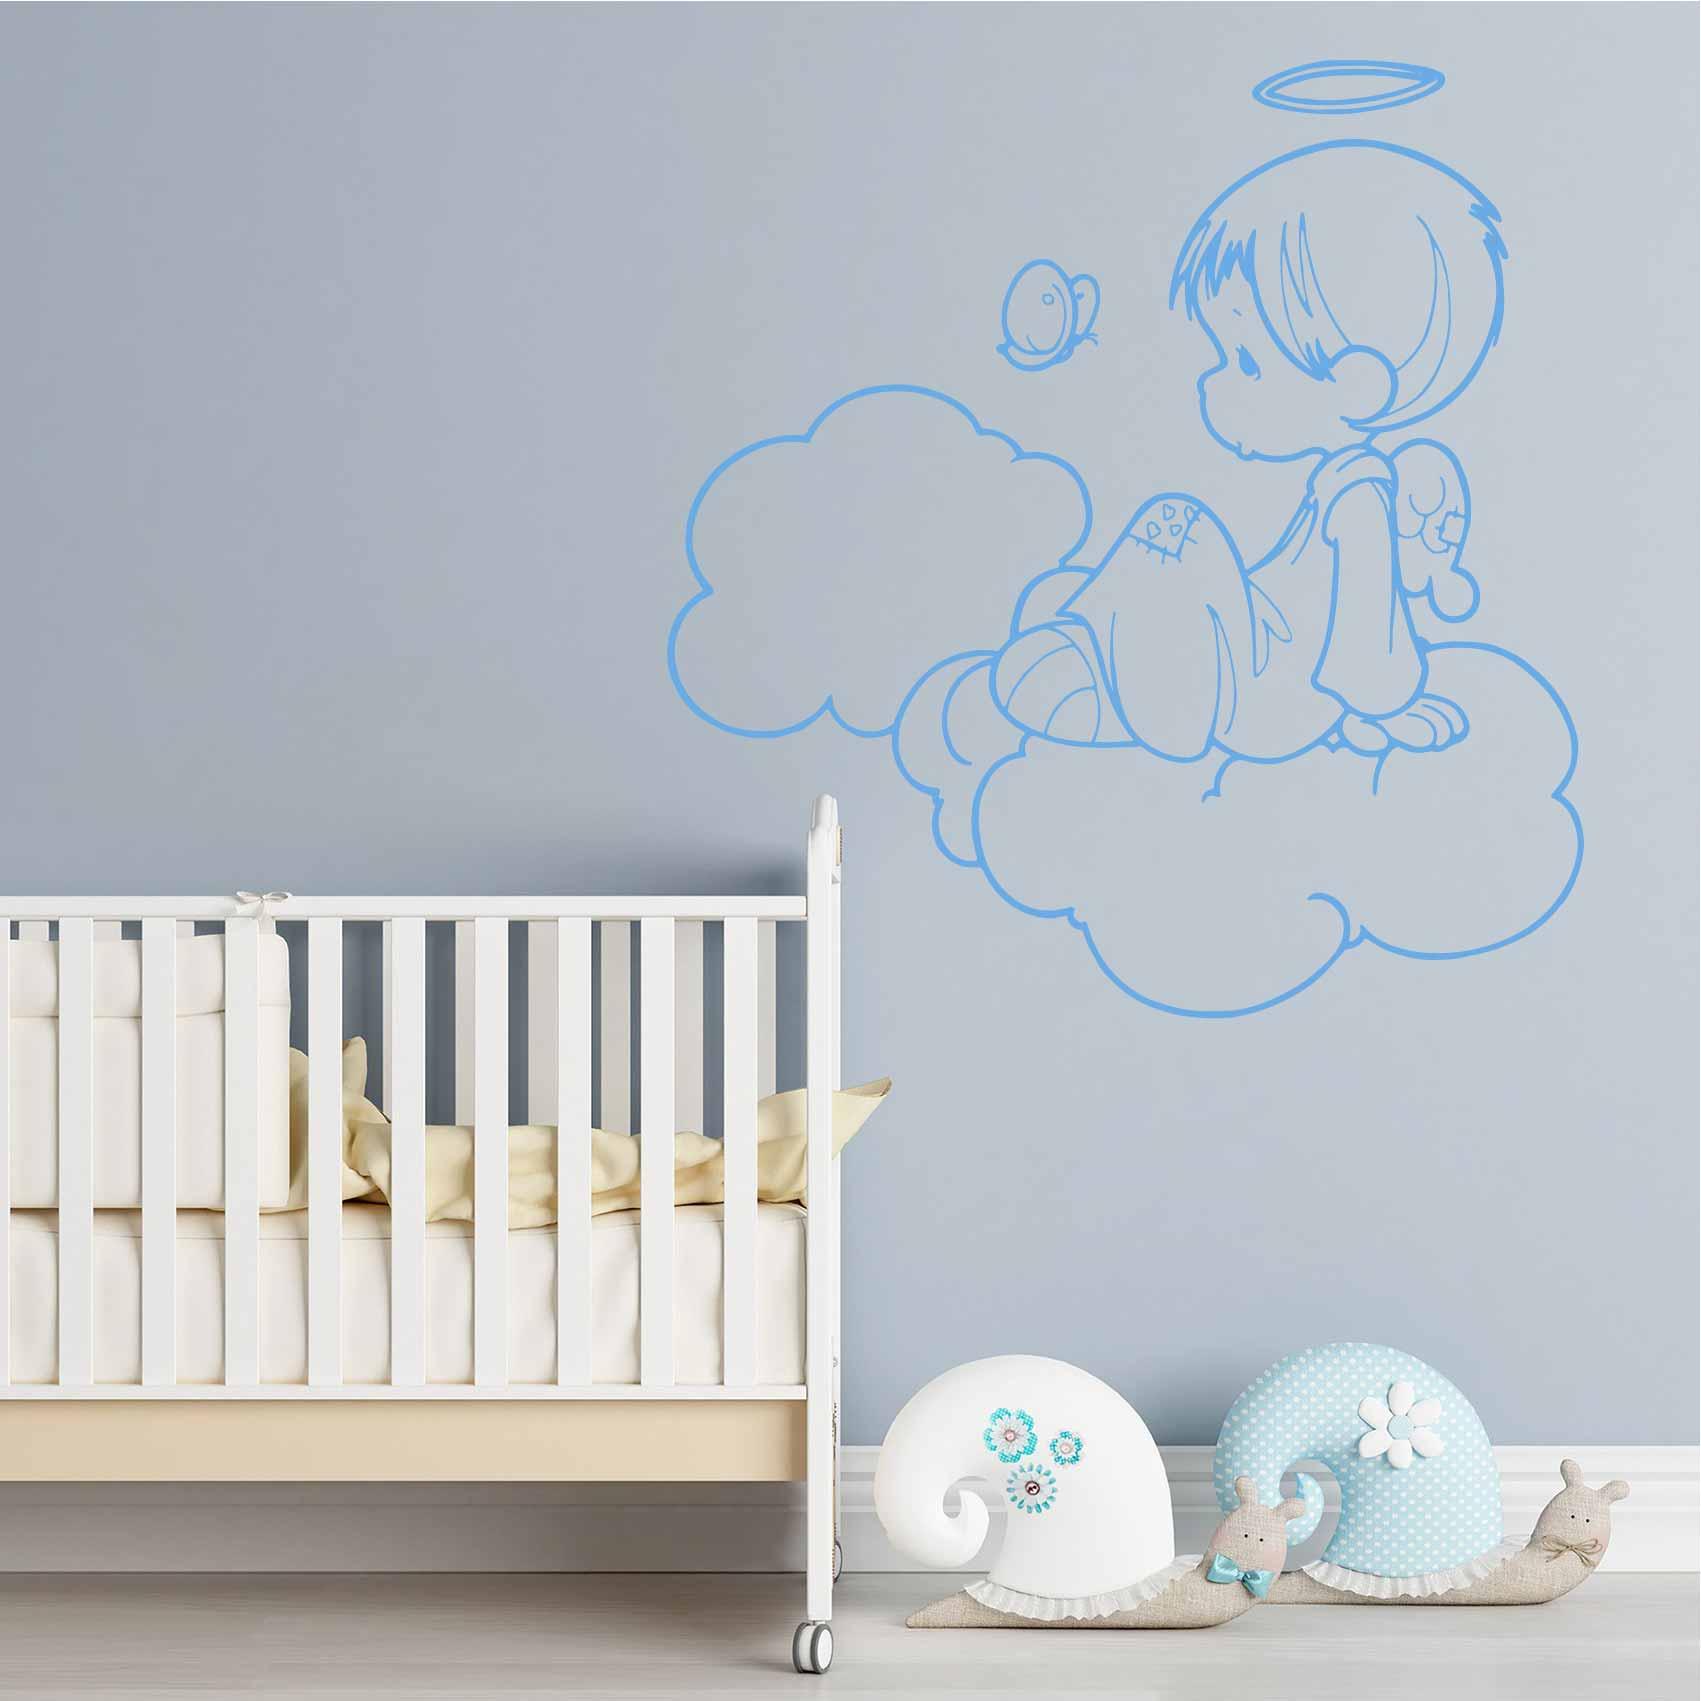 Stickers bébé : Comment décorer entièrement la chambre ?